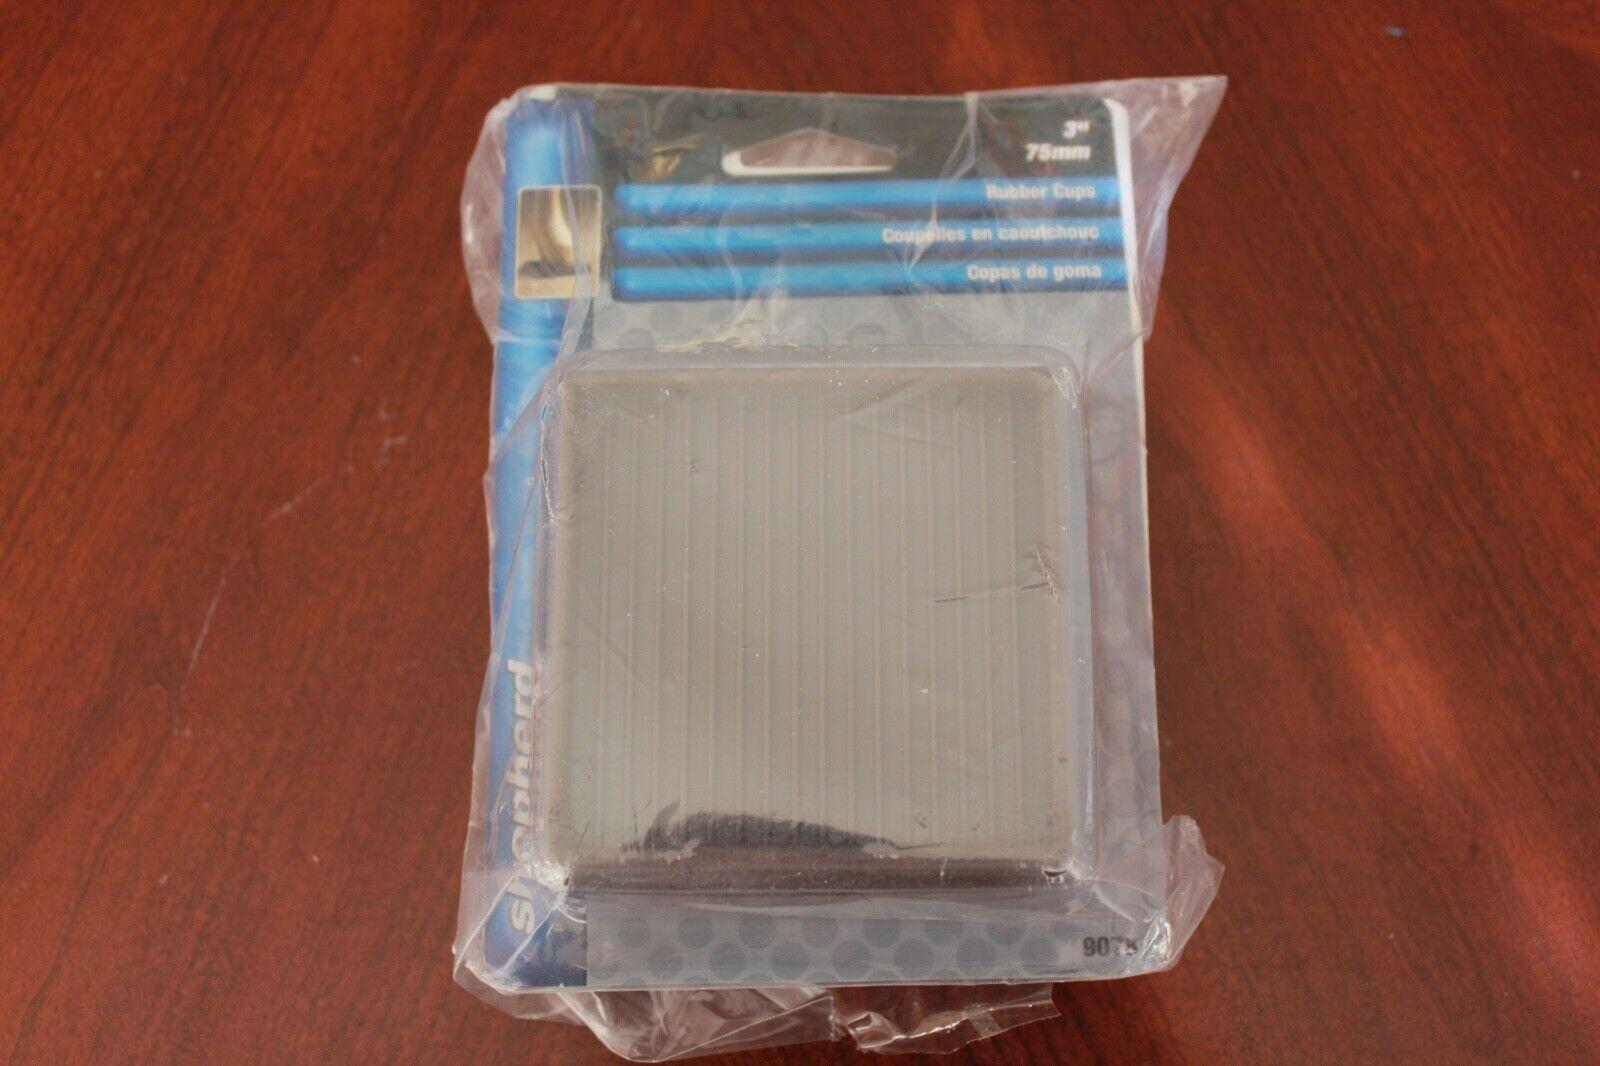 Set of 4 Caramel Color Furniture Wheel Gripper Caster Cups Slipstick CB840 3-1//4 Inch Bed Roller